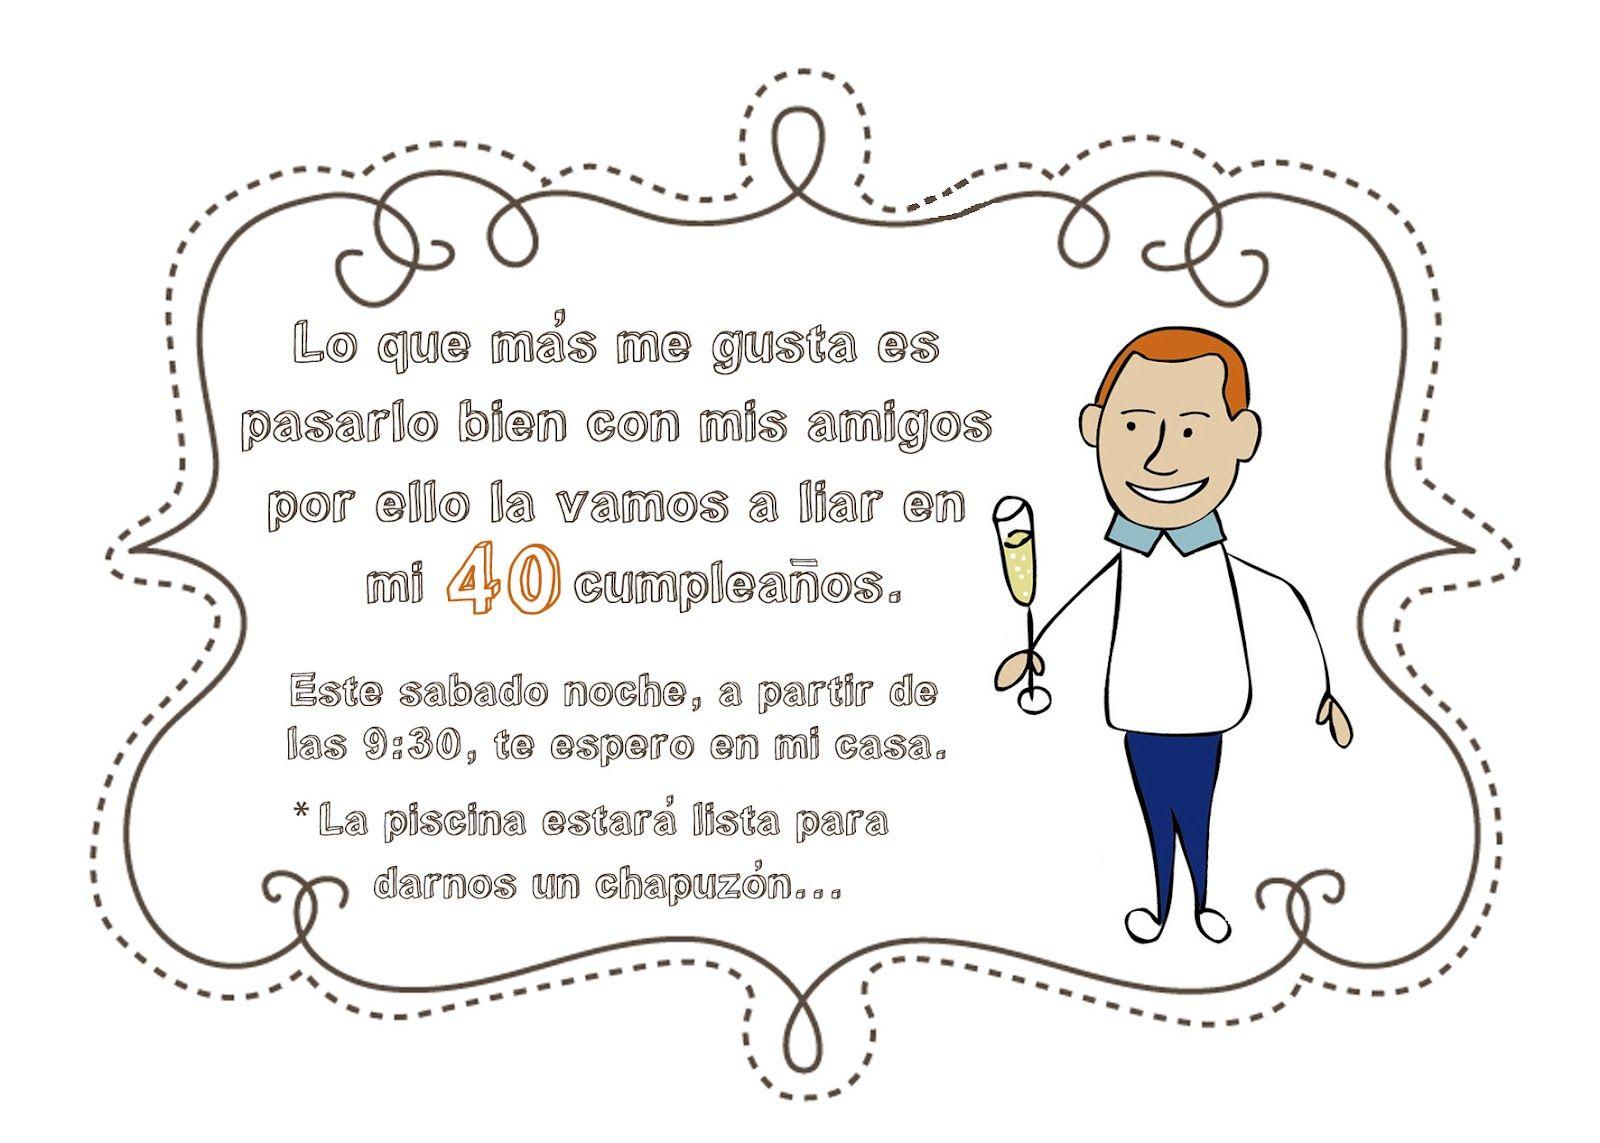 Invitaciones De Cumpleaños Divertidas Wallpaper En Hd Gratis 5 en HD Gratis Veronica Mejia